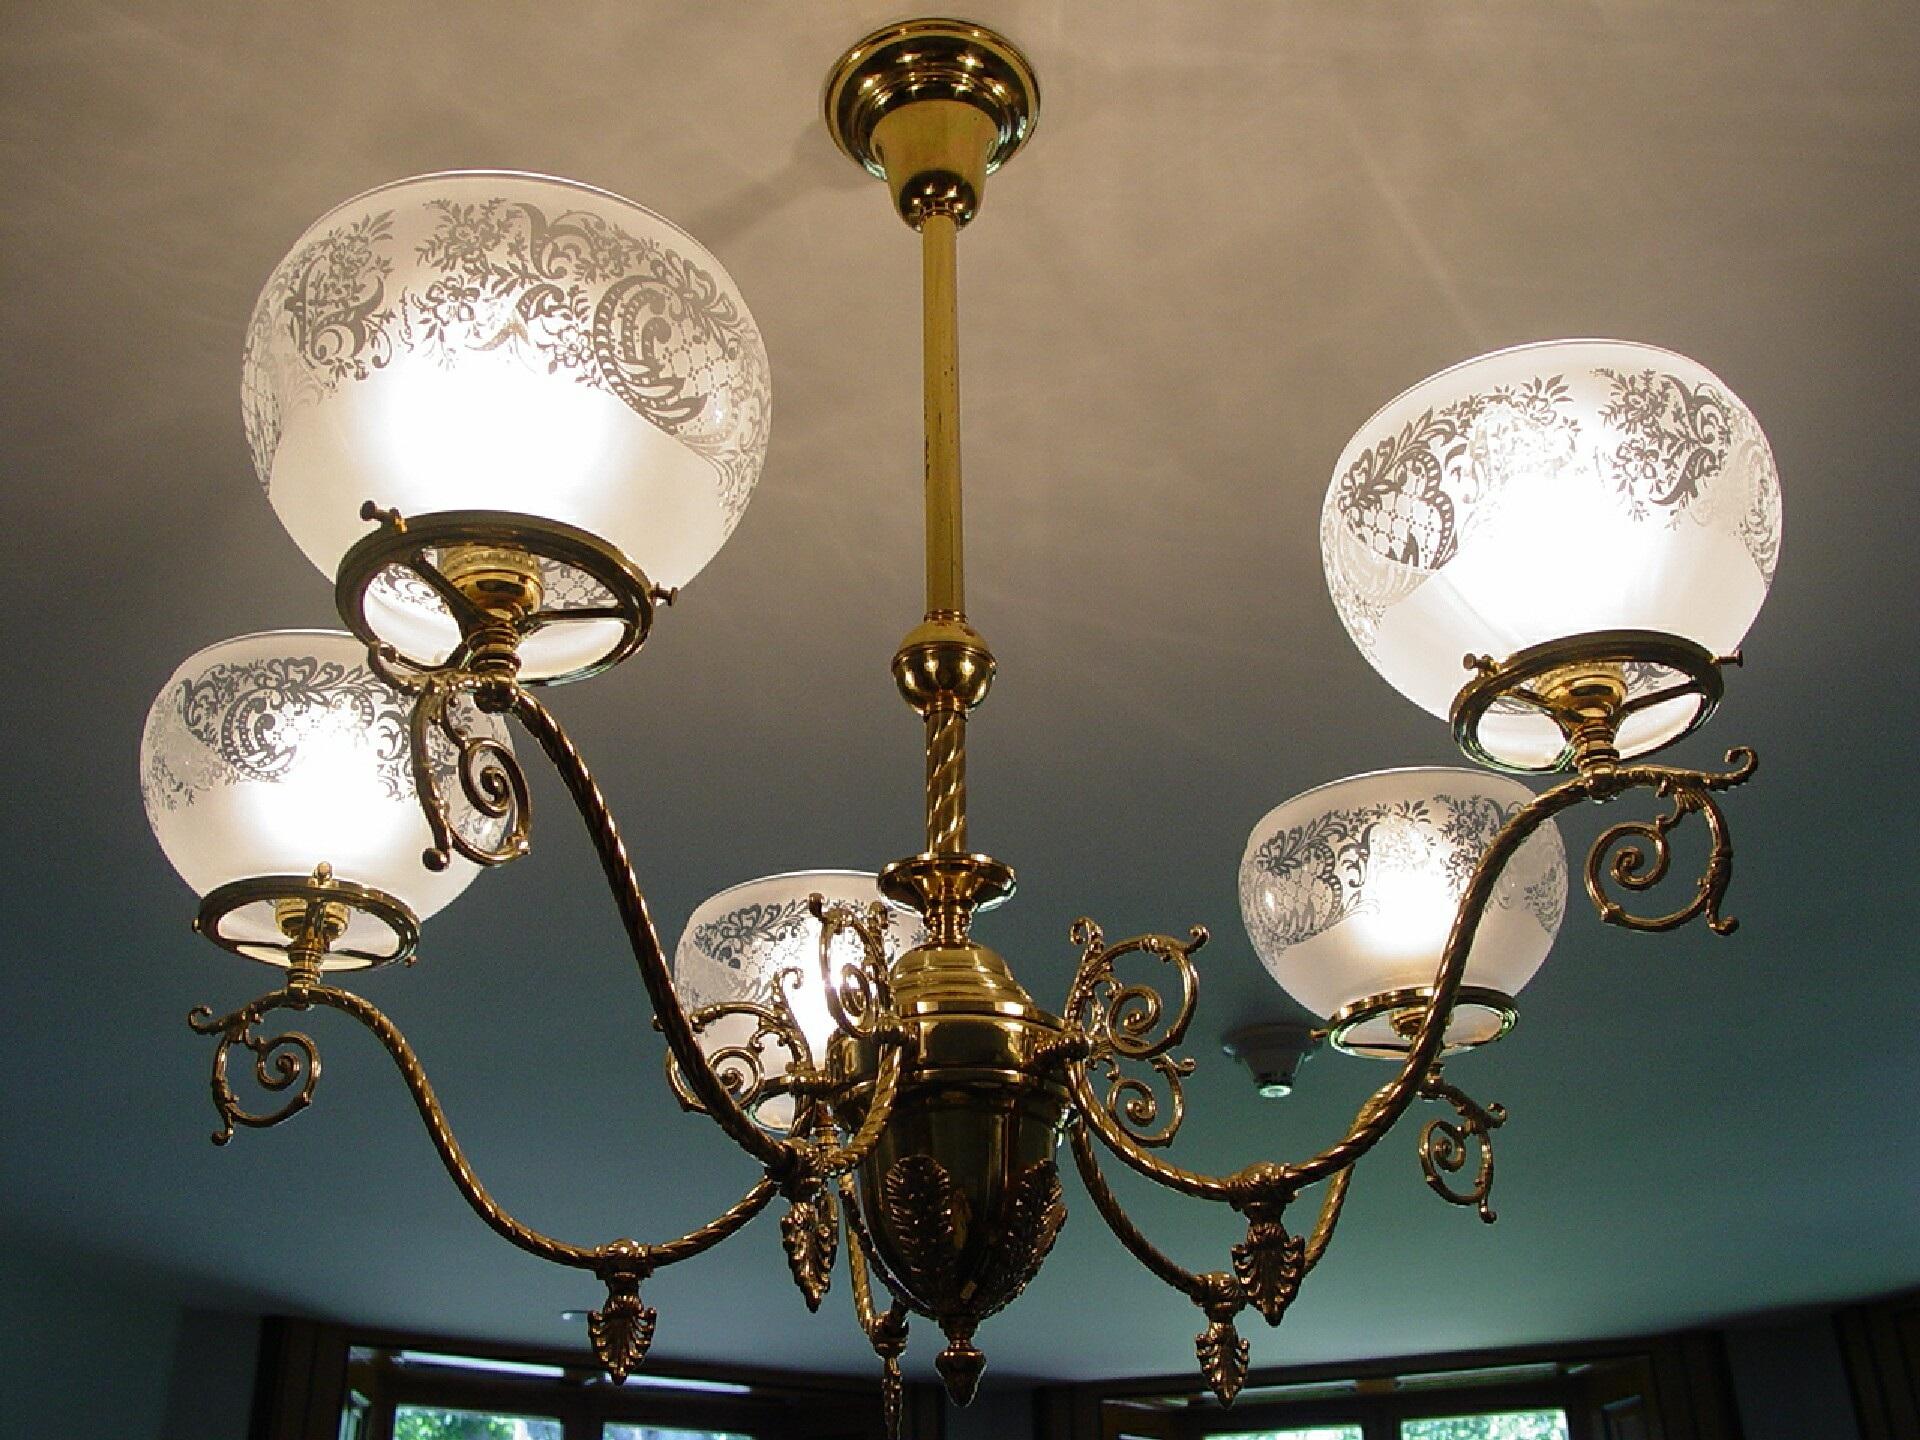 Images Gratuites Lumi Re Antique Vieux Plafond D Coration